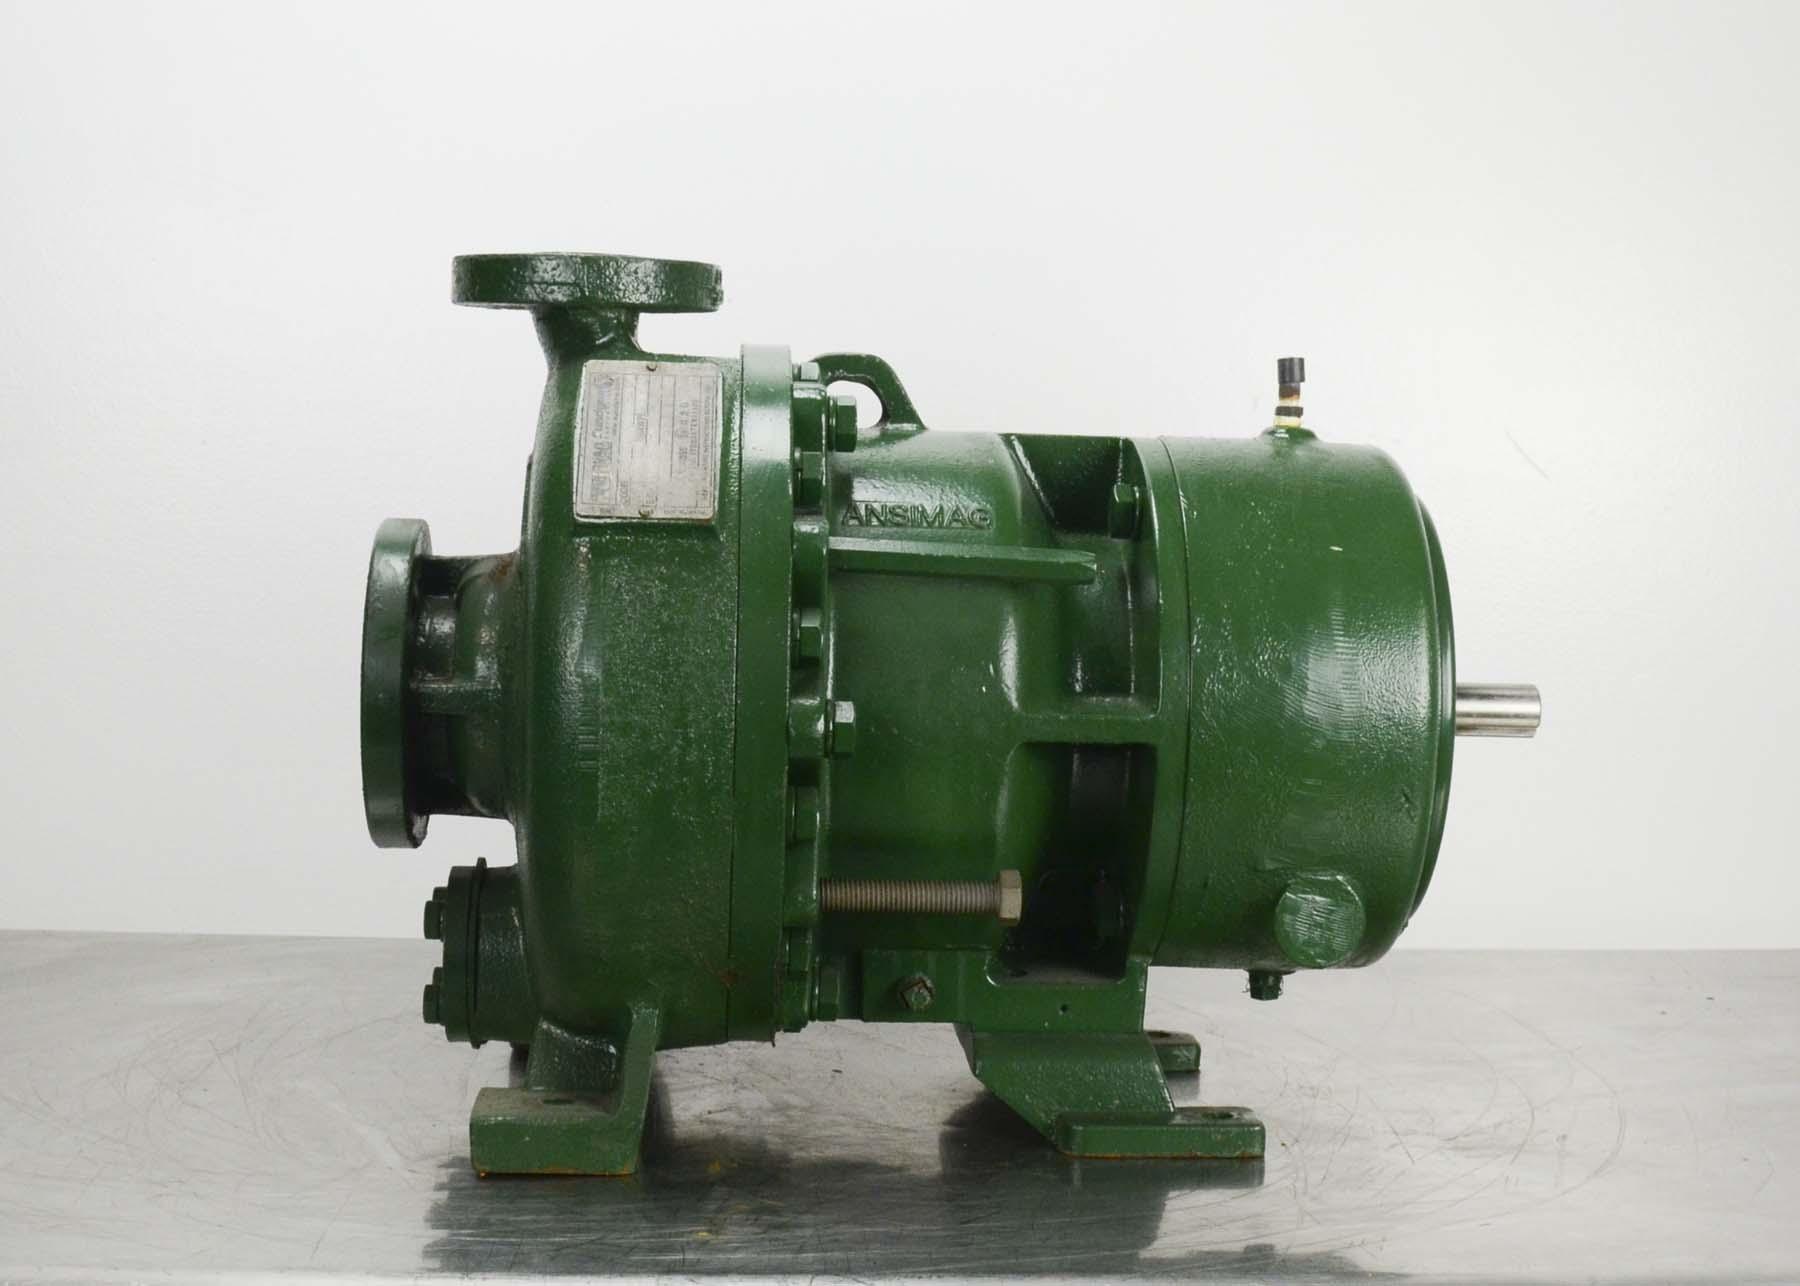 Ansimag KF2110L06PR12111 Pump